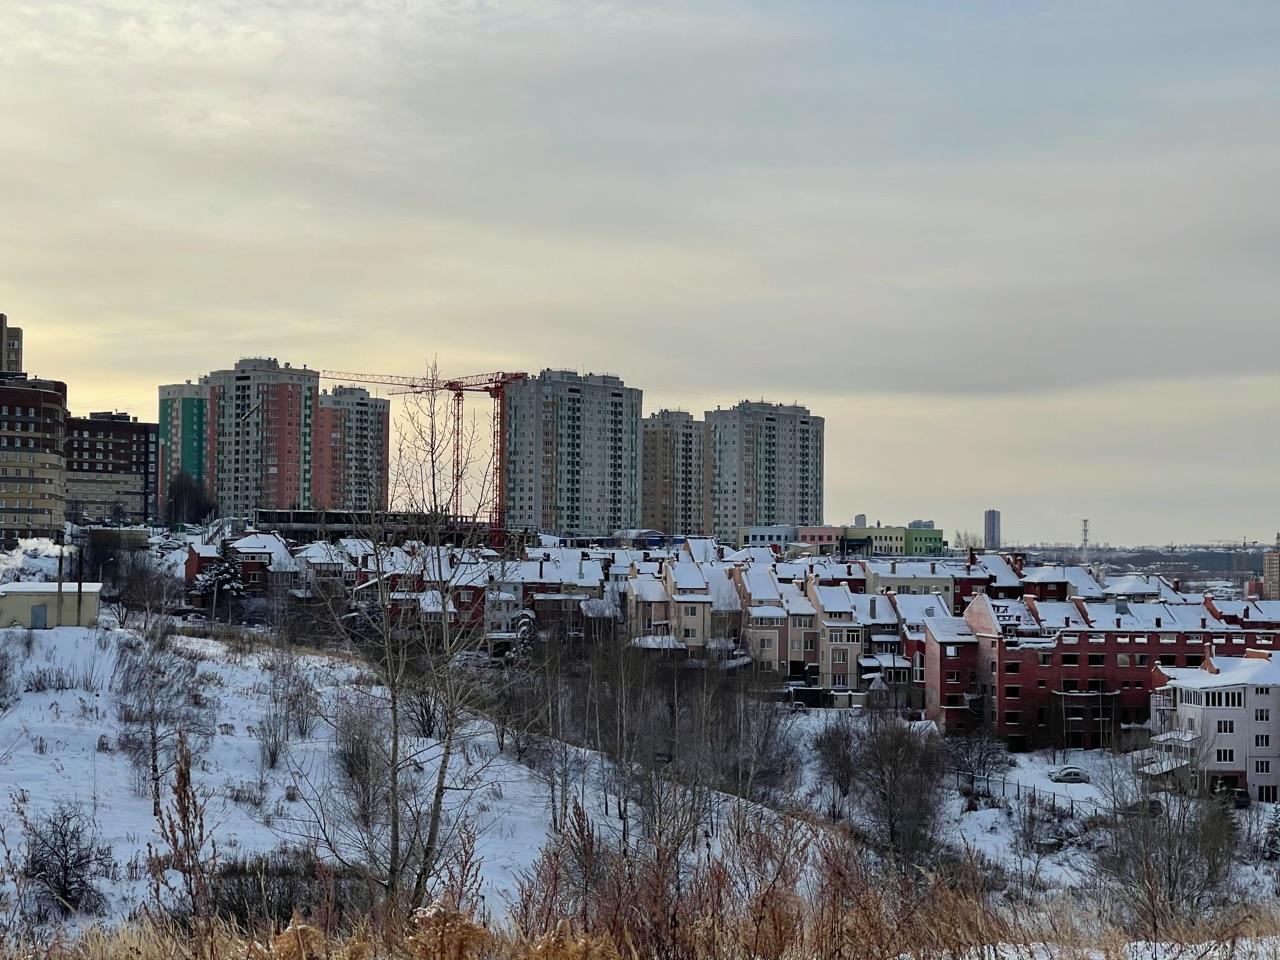 Количество сделок с ДДУ в Нижегородской области снизилось перед Новым годом - фото 1